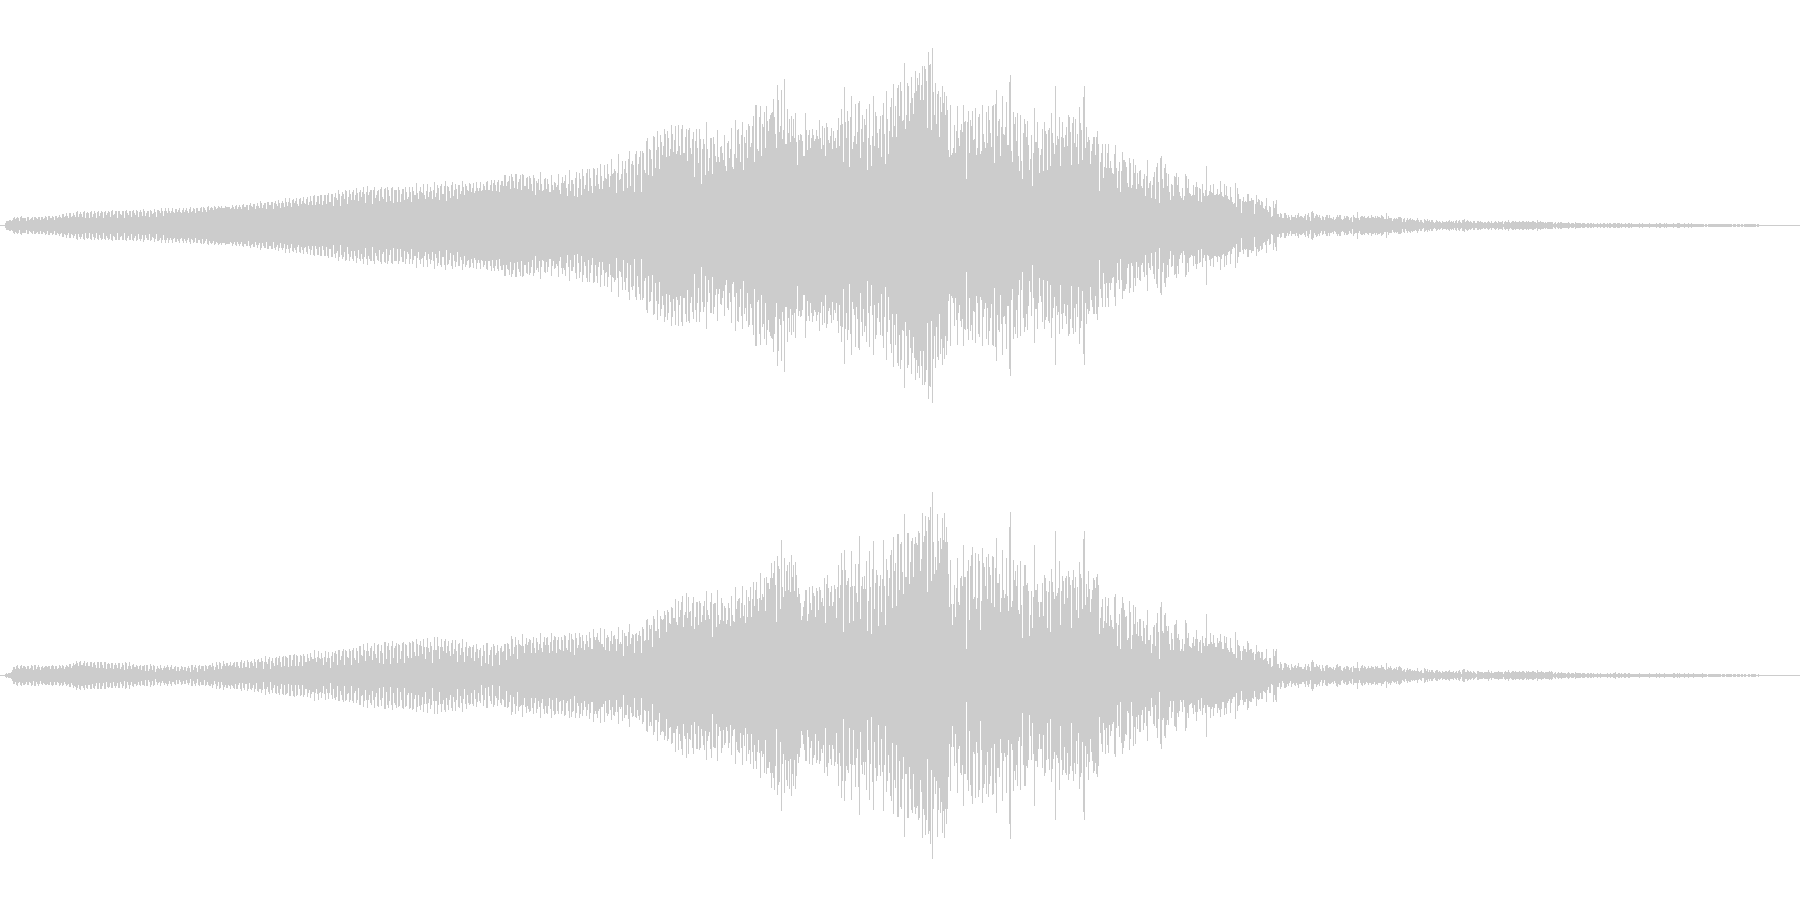 ウィ〜ンダダダ(何かが近づき、離れる音)の未再生の波形